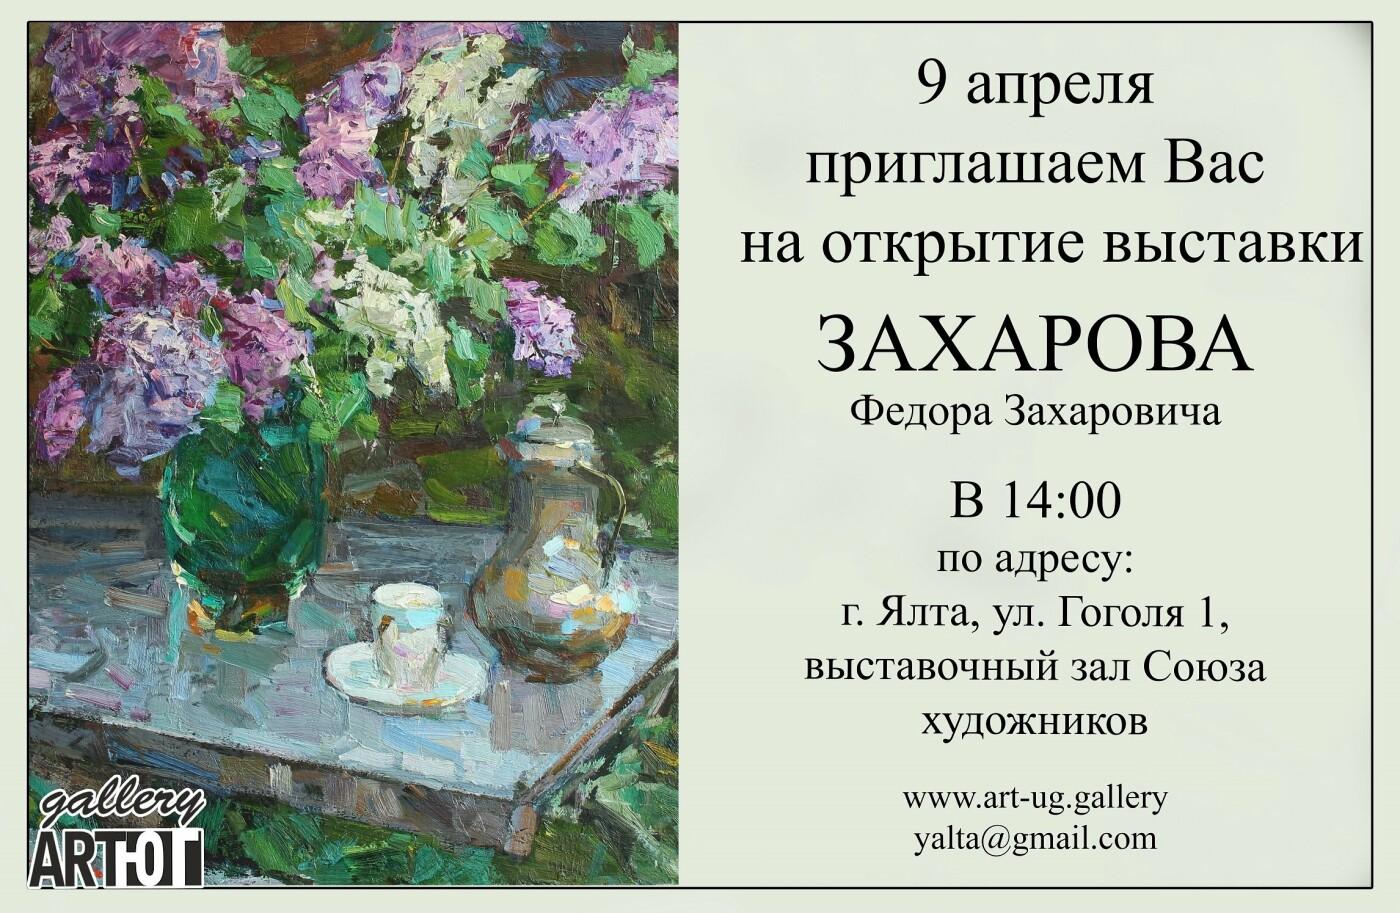 В Ялте открывается выставка к 100-летию Народного художника УССР Федора Захарова, фото-1